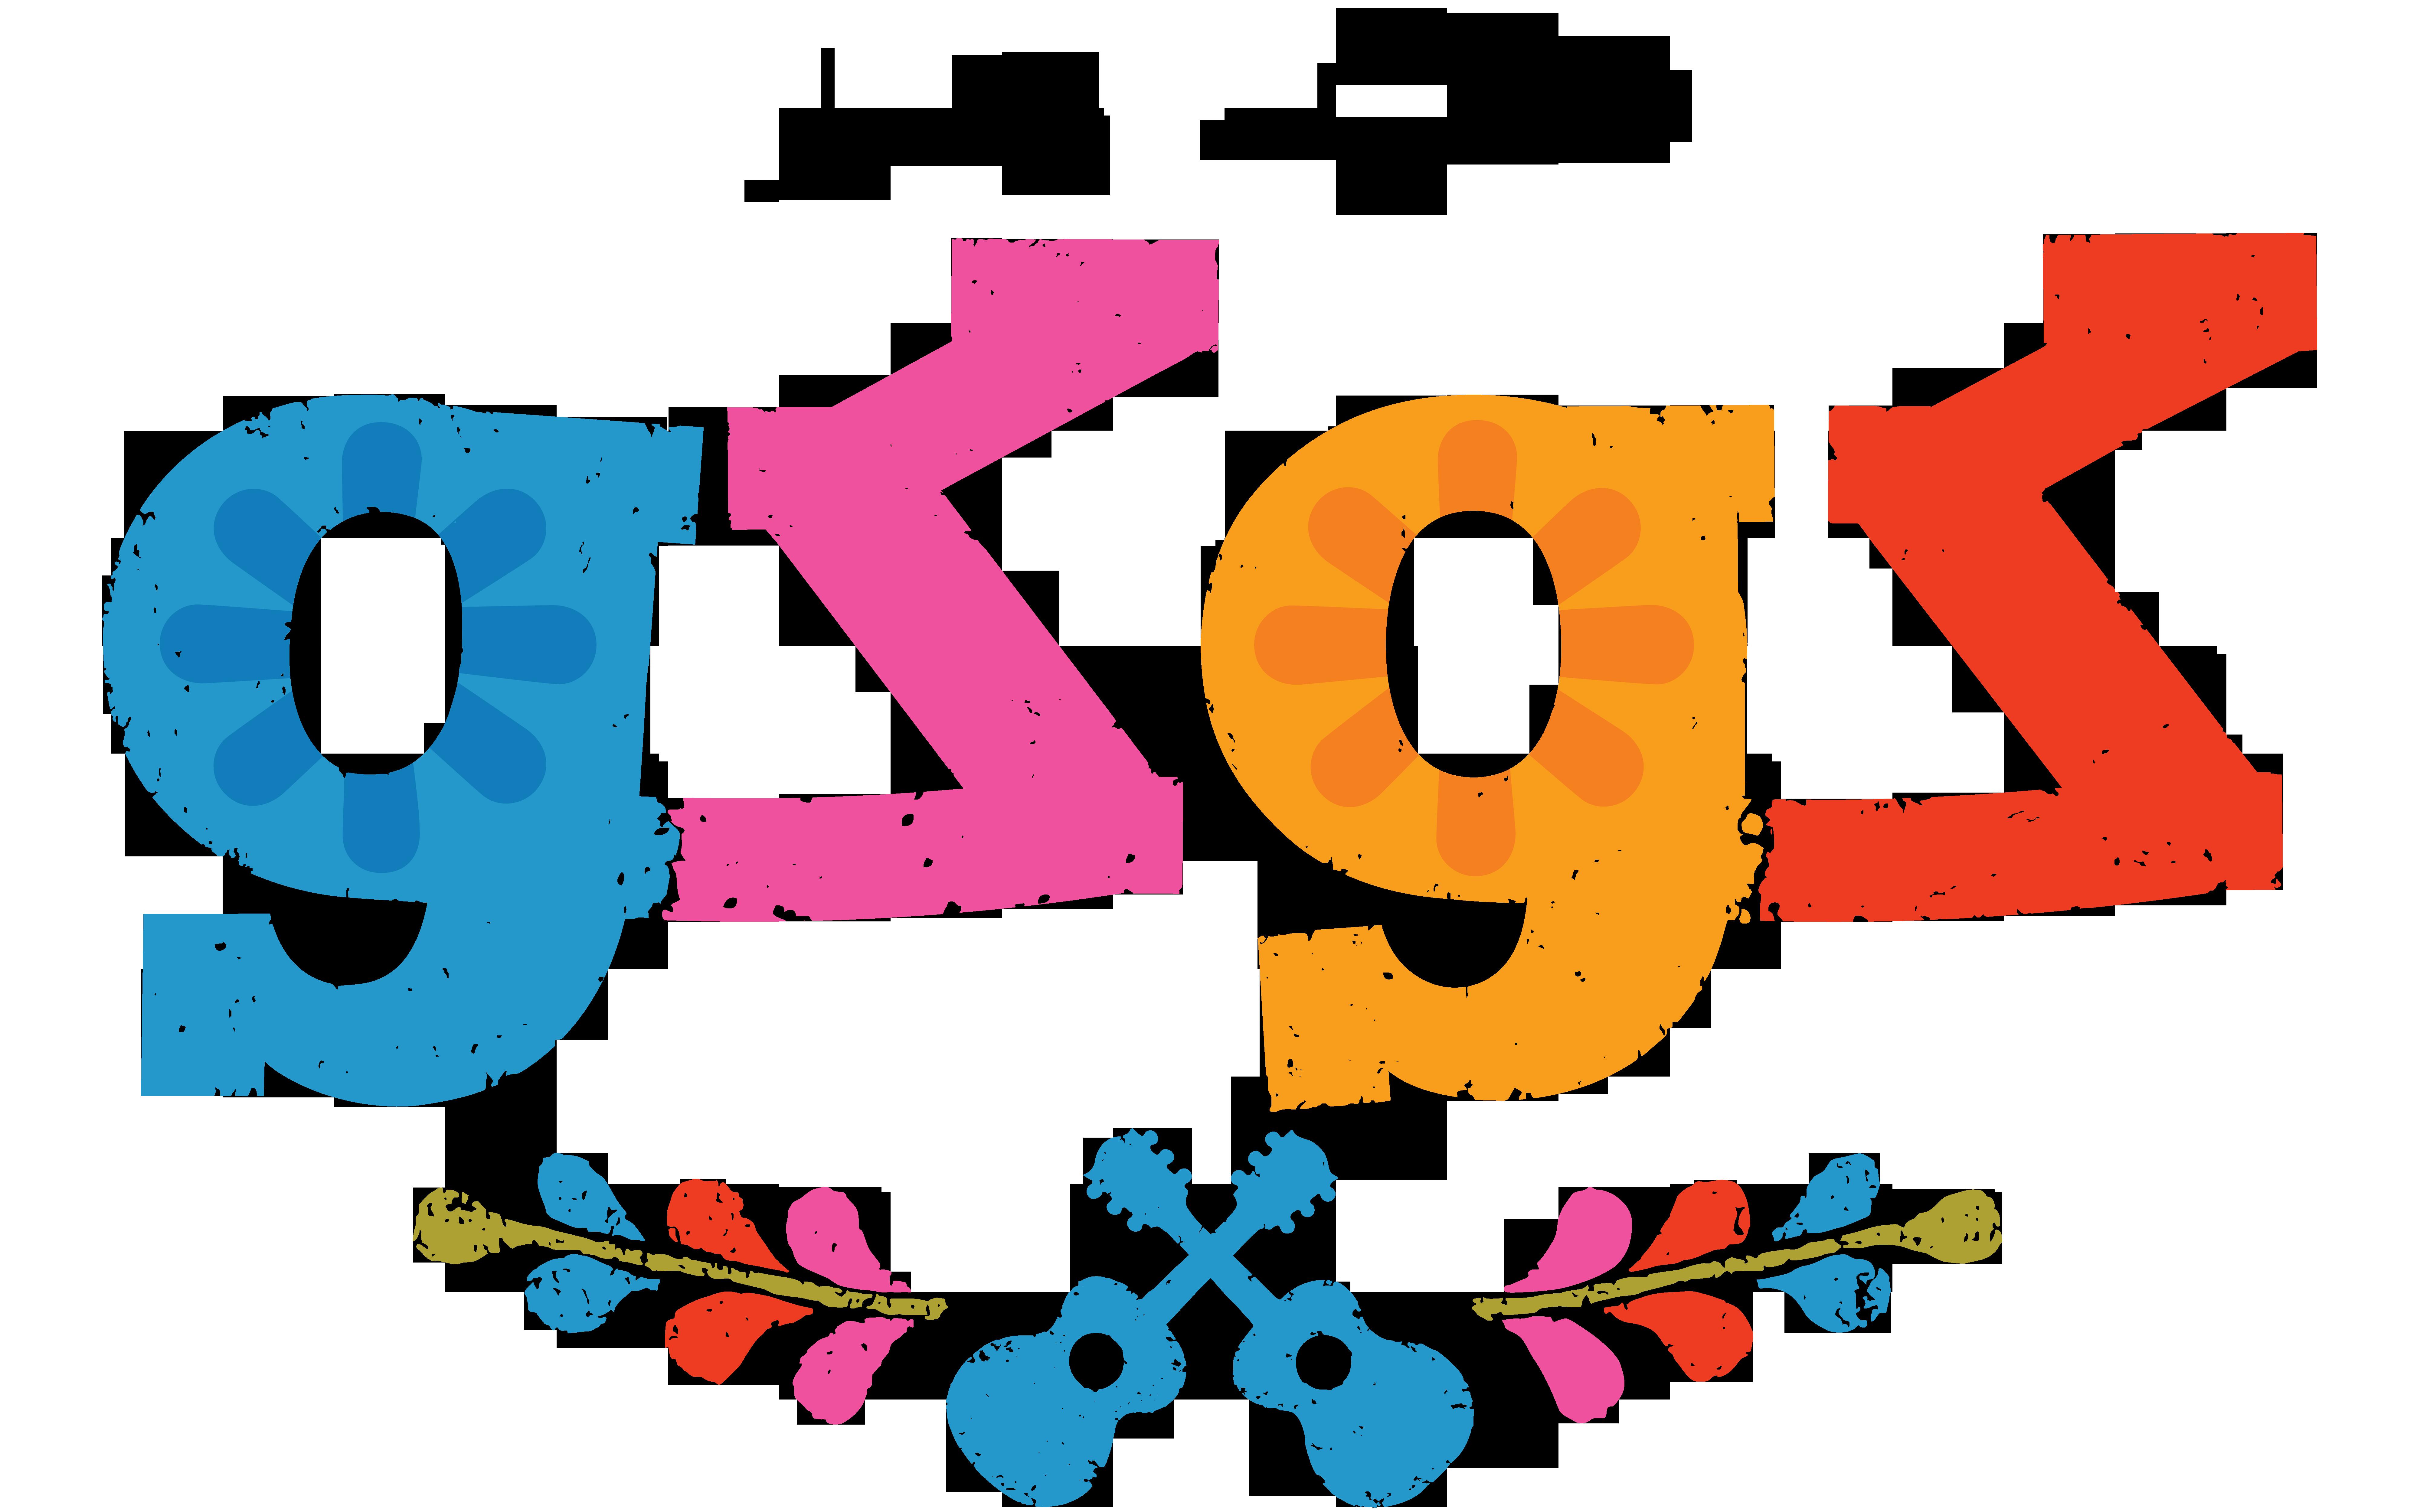 迪士尼 皮克斯 coco logo شعار فيلم كوكو